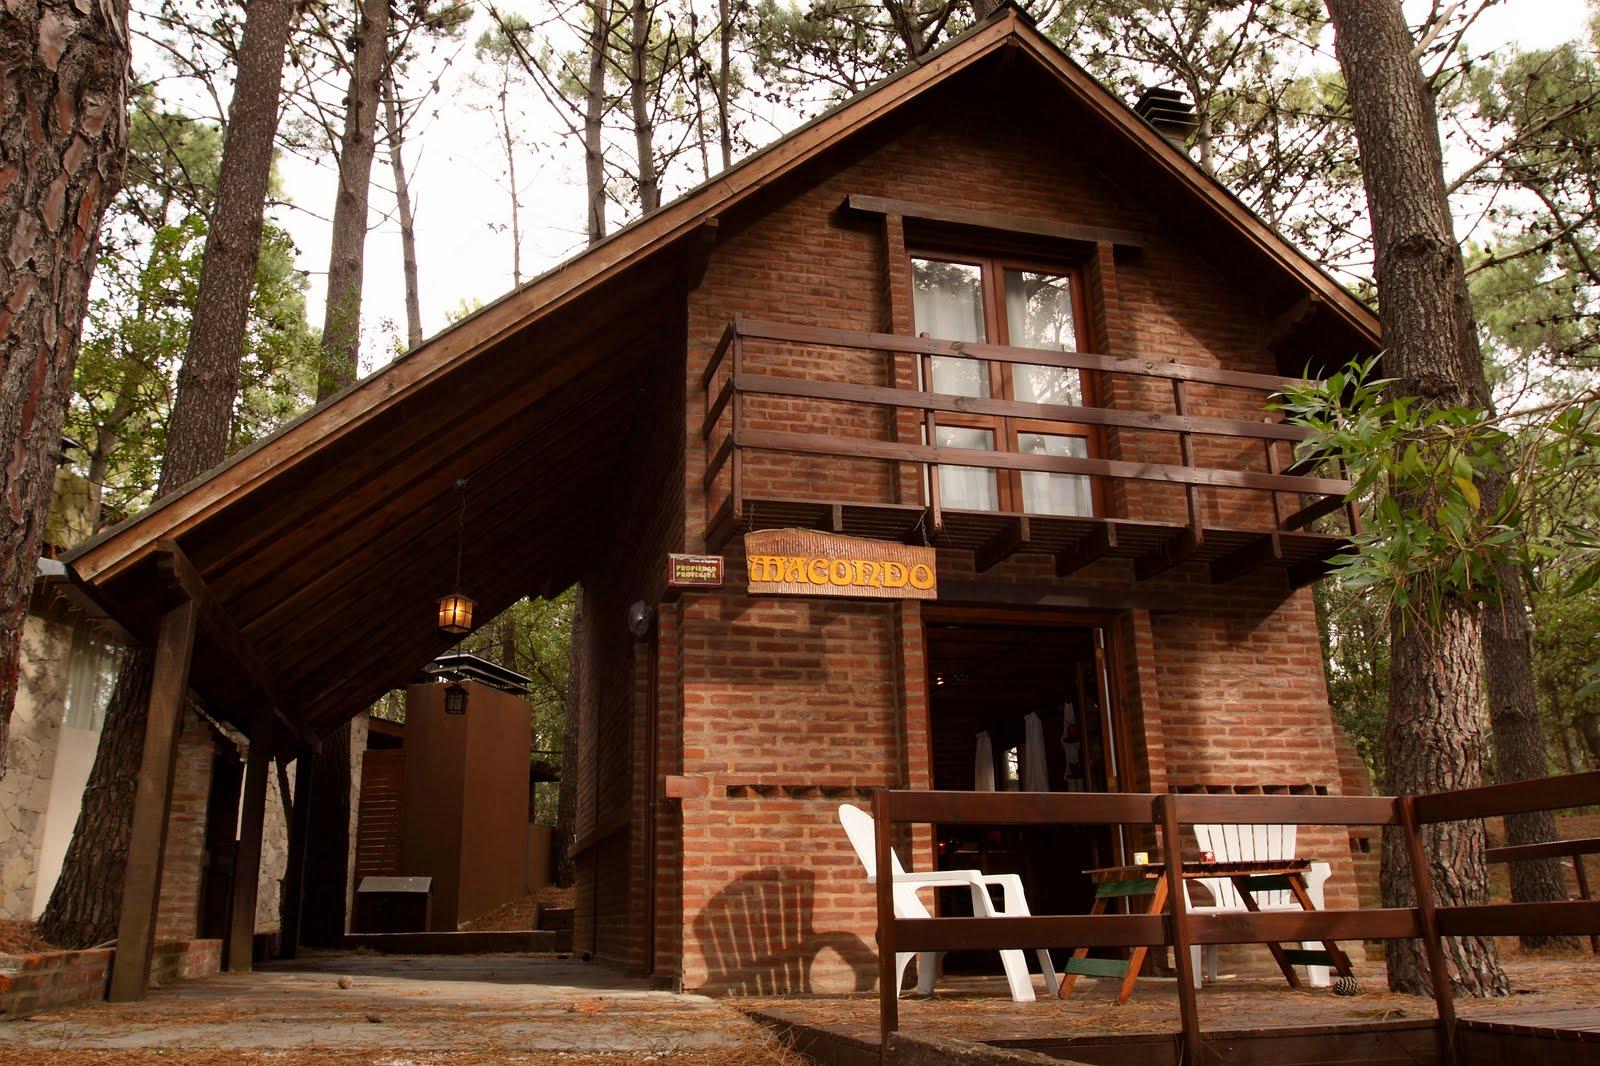 Caba a macondo una caba a en el bosque for Casas rusticas de ladrillo